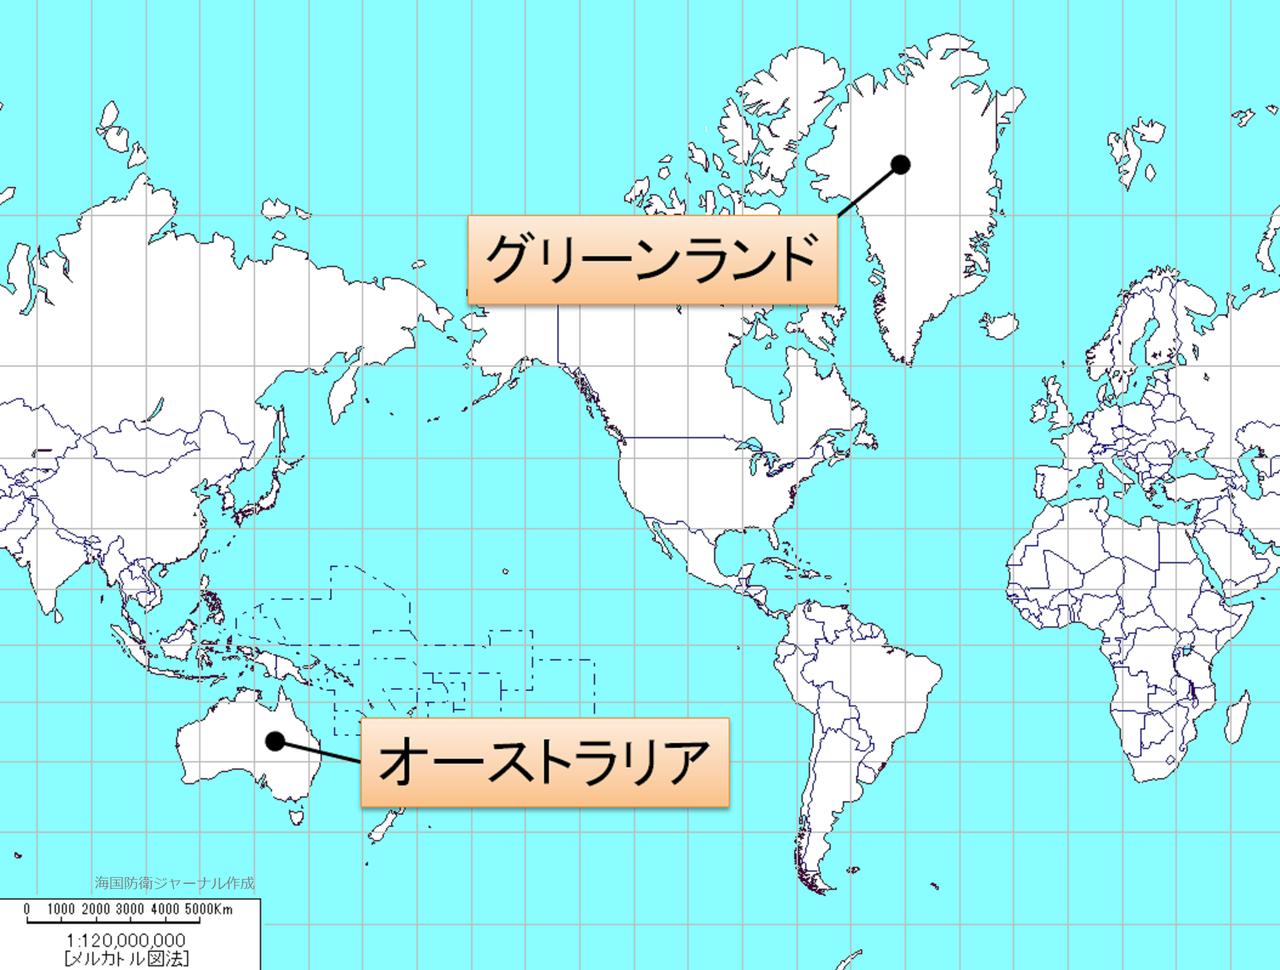 メルカトルの呪い?地図のおはなし : 海国防衛ジャーナル